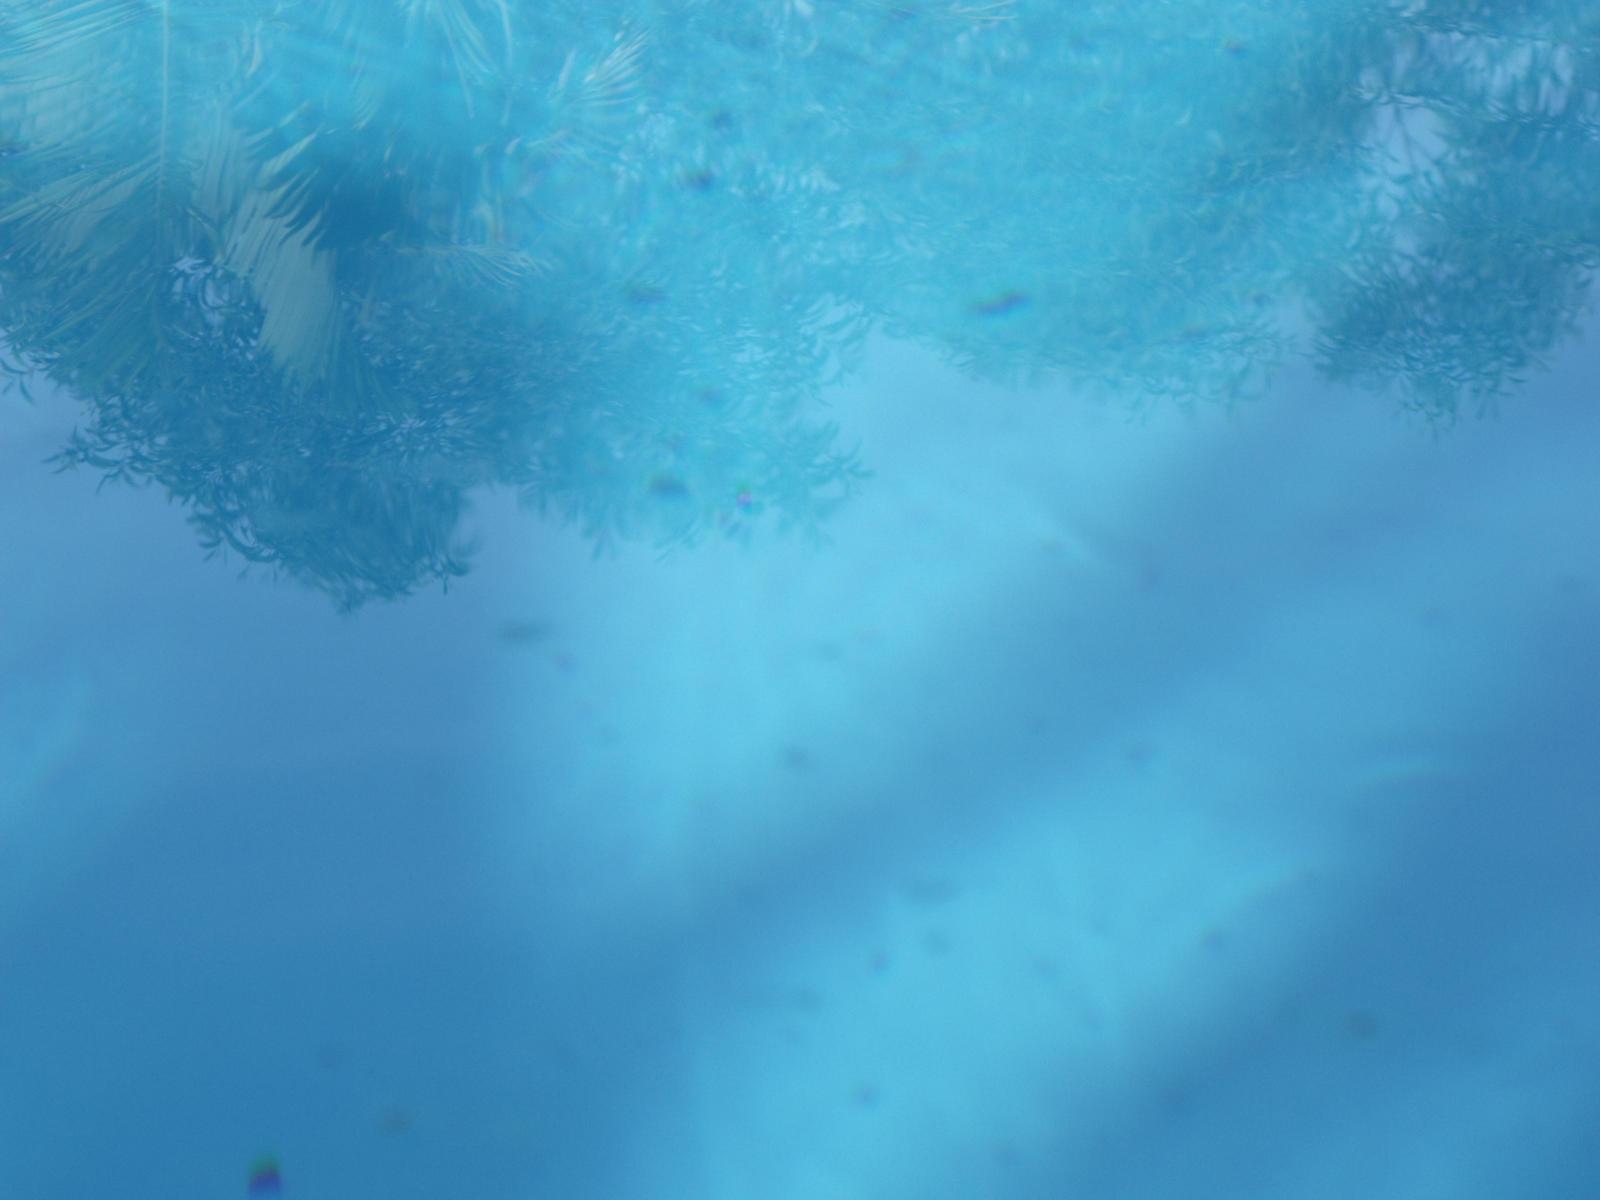 Underwater Texture Stock By Bhcgraphics On DeviantArt